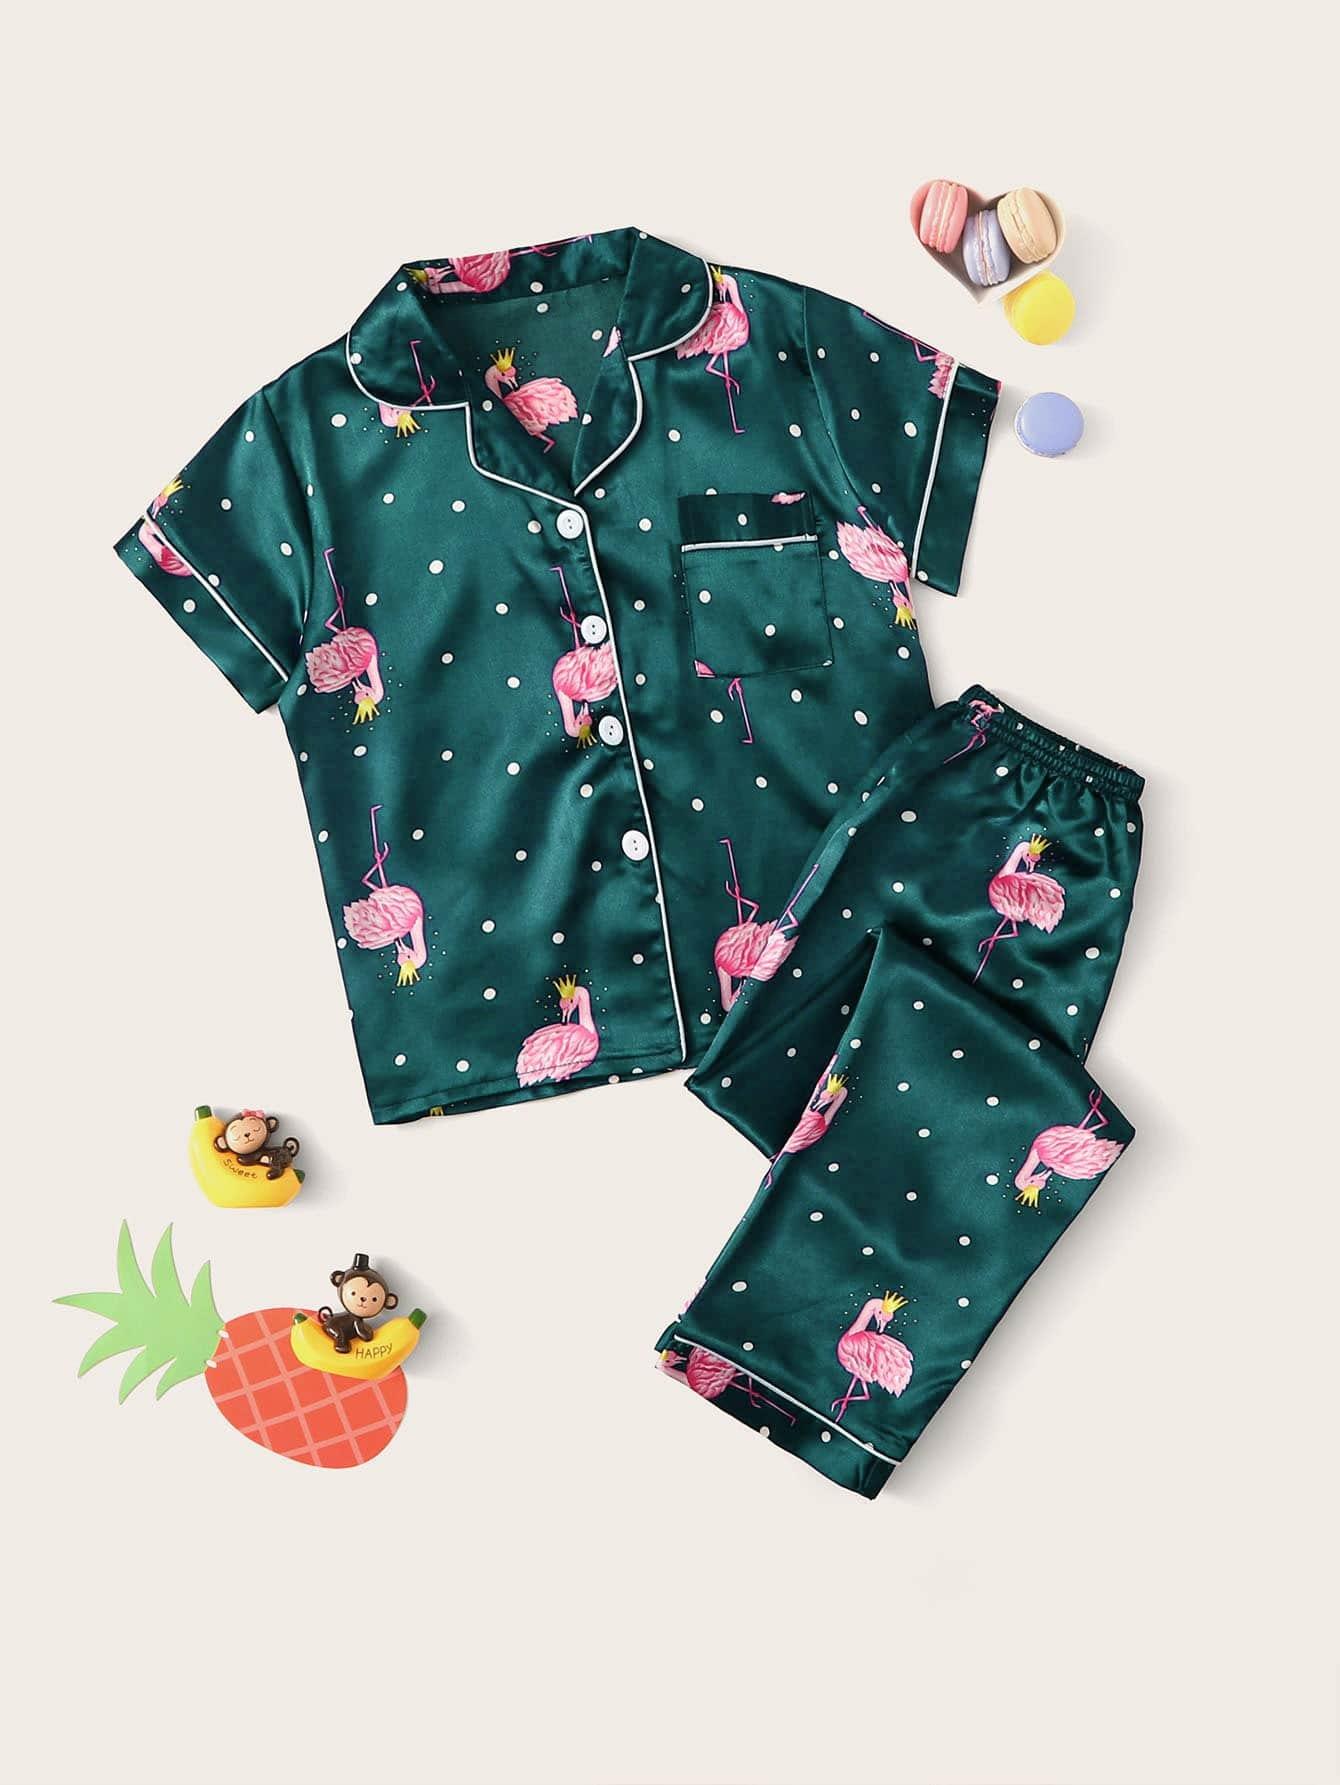 Фото - Атласная пижама в горошек с графическим принтом для девочек от SheIn цвет зелёные